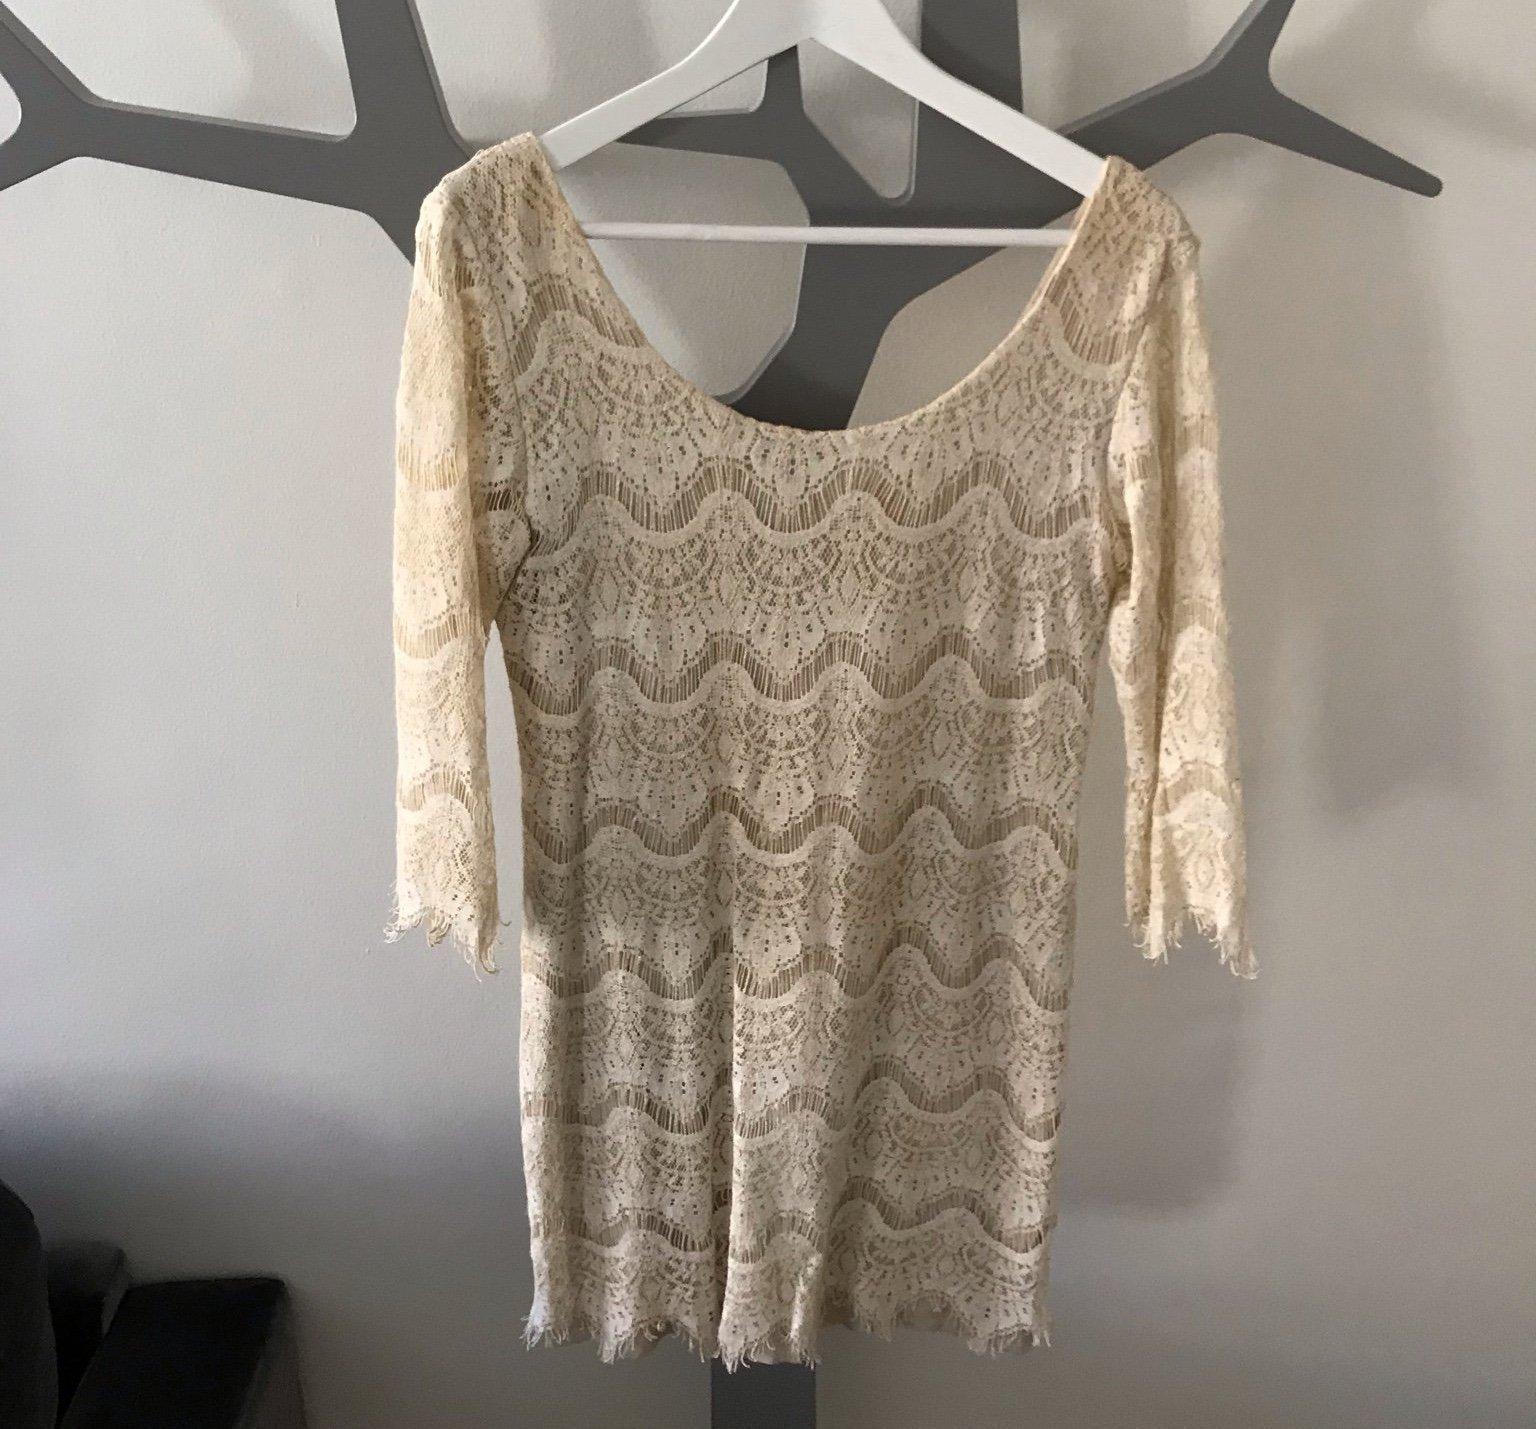 Klänning från Valerie (371974460) ᐈ Köp på Tradera